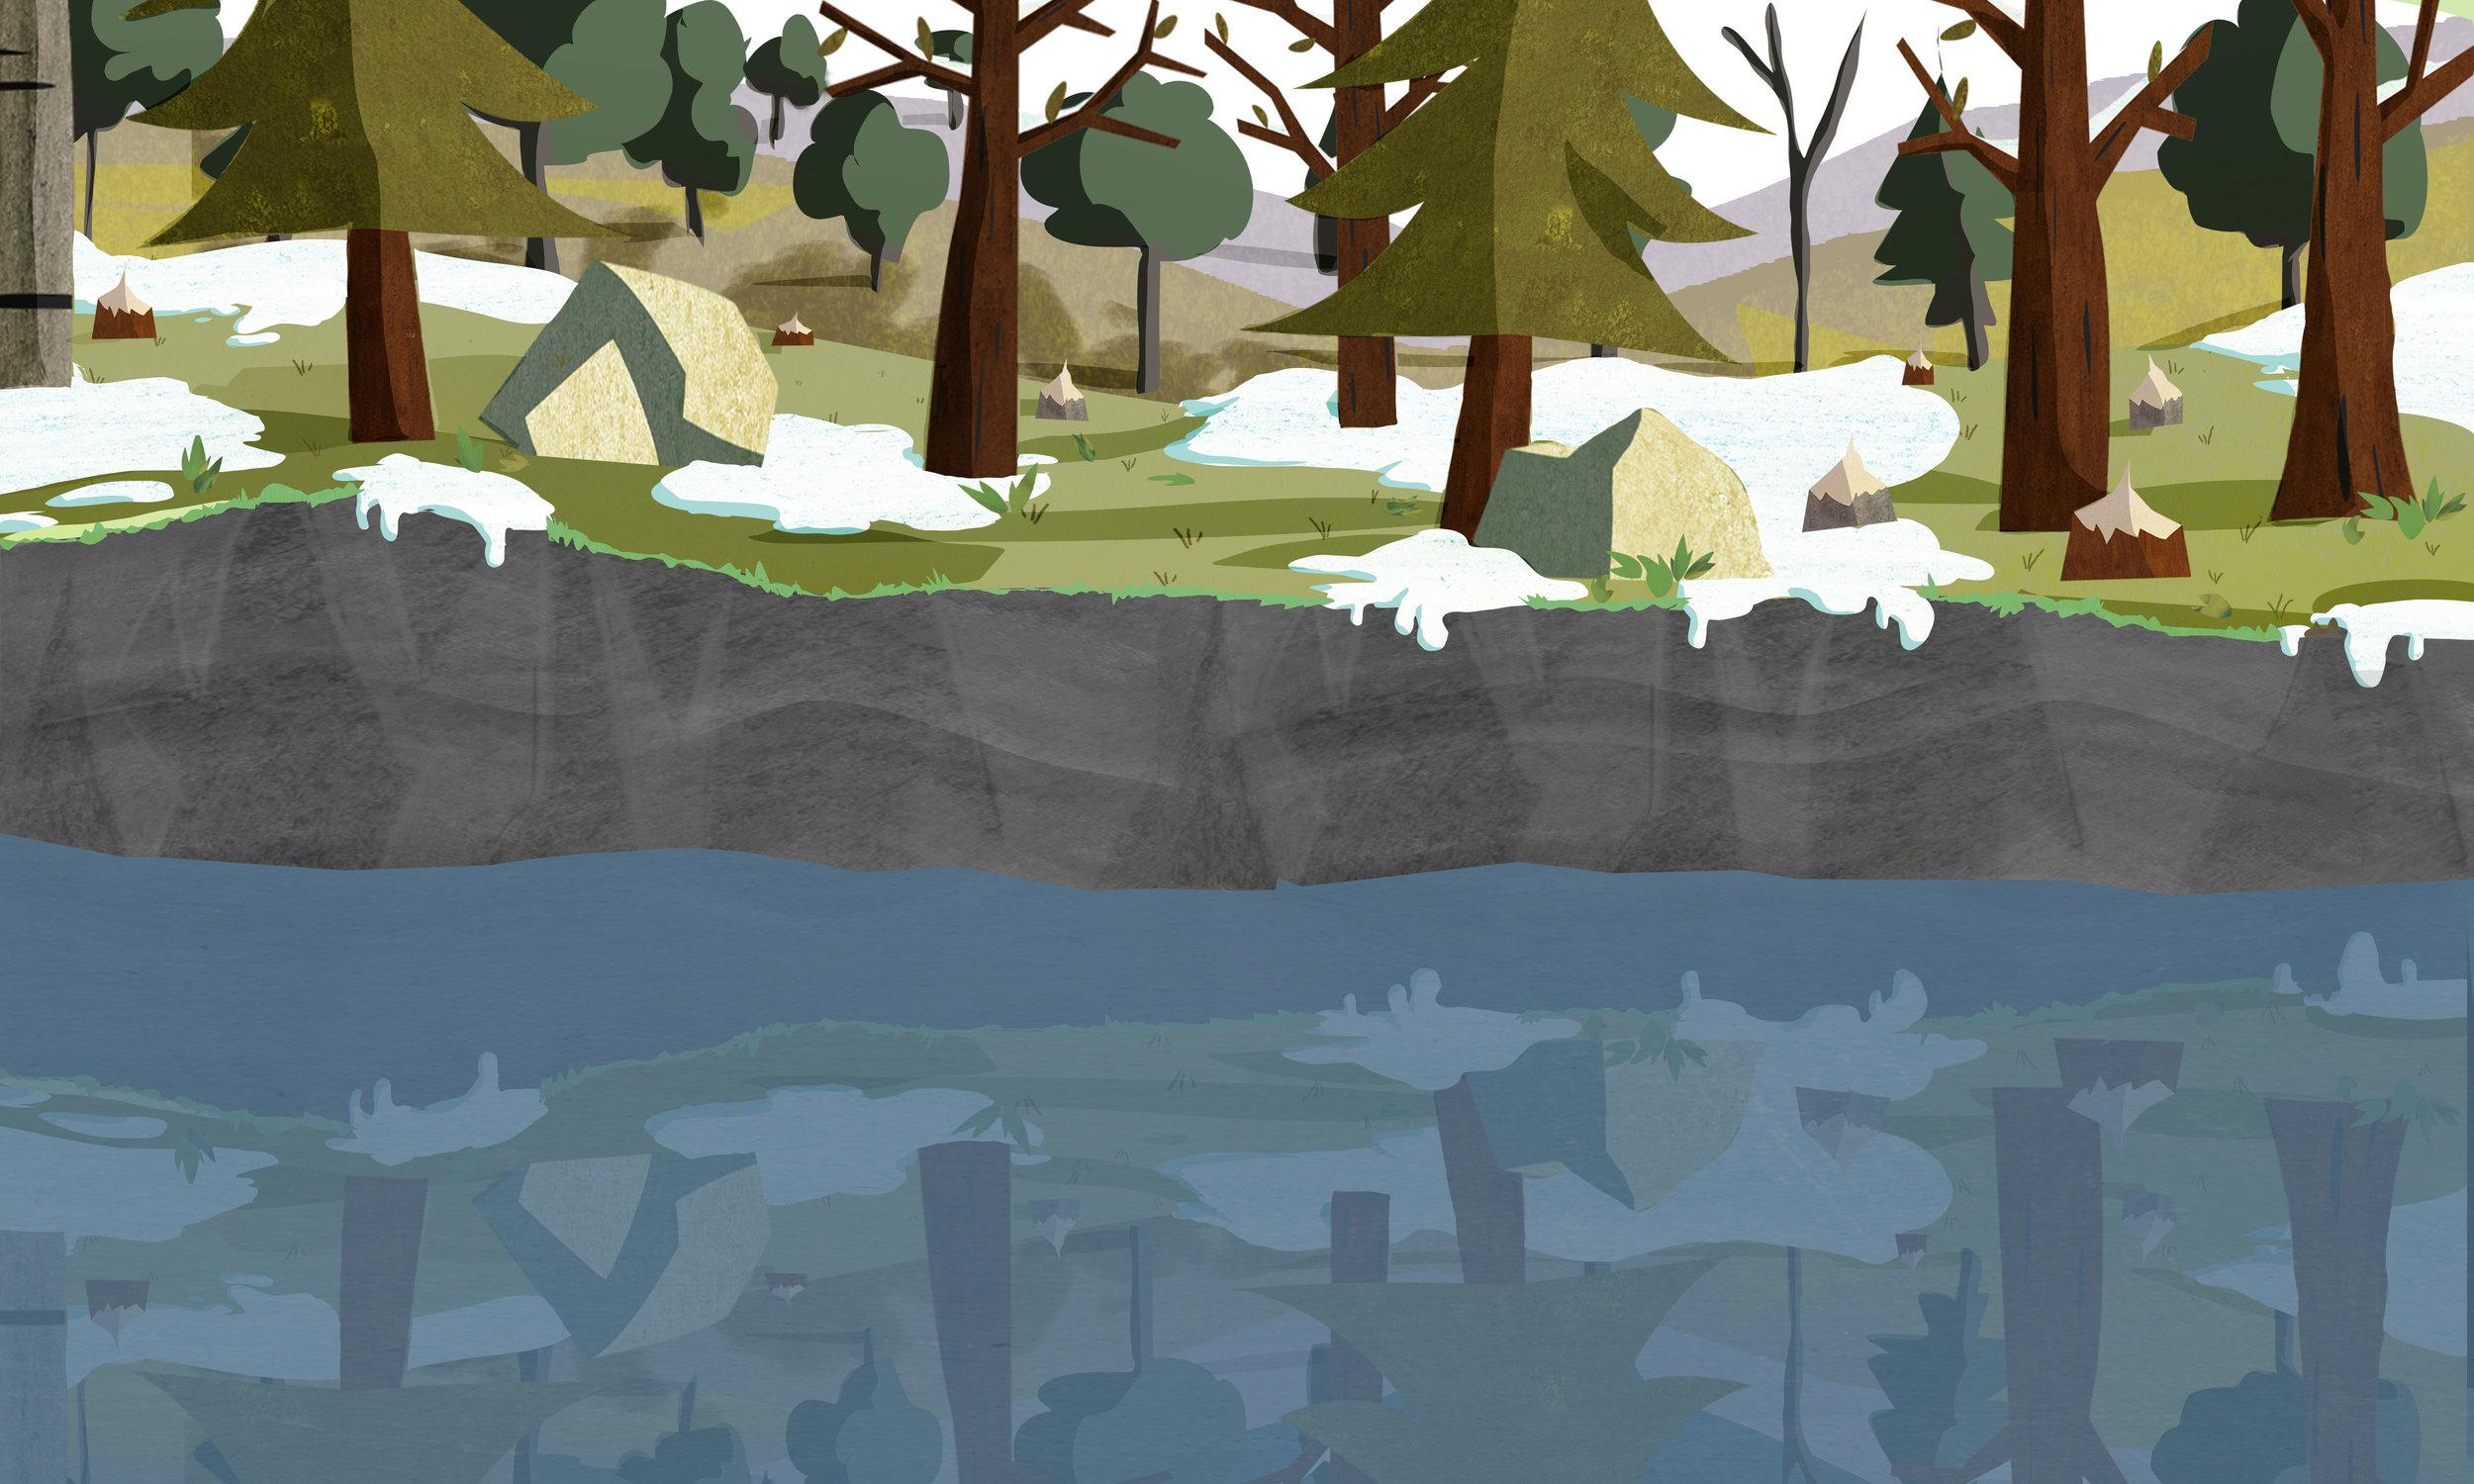 S05_SC37_Beavers(daniela)RevisedSH.jpg